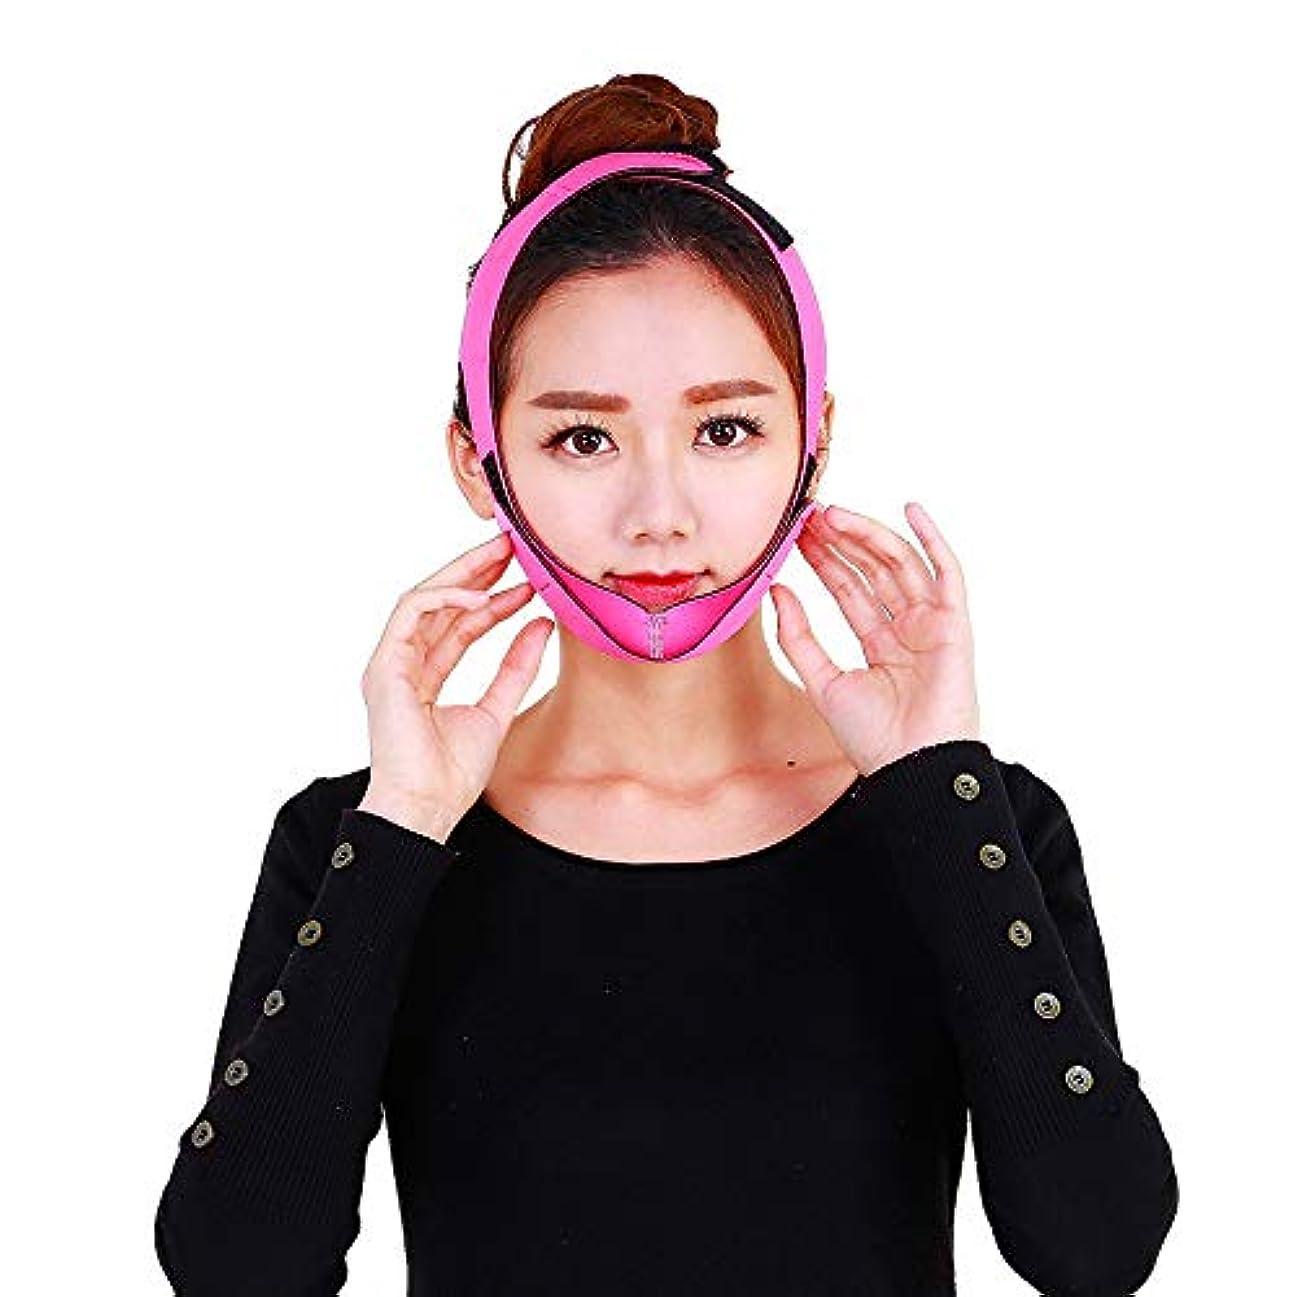 エキスパート保守可能フォアタイプ二重顎ベルト、美容マスク、しっかり持ち上げ、顔を持ち上げる包帯、V字形の人工物